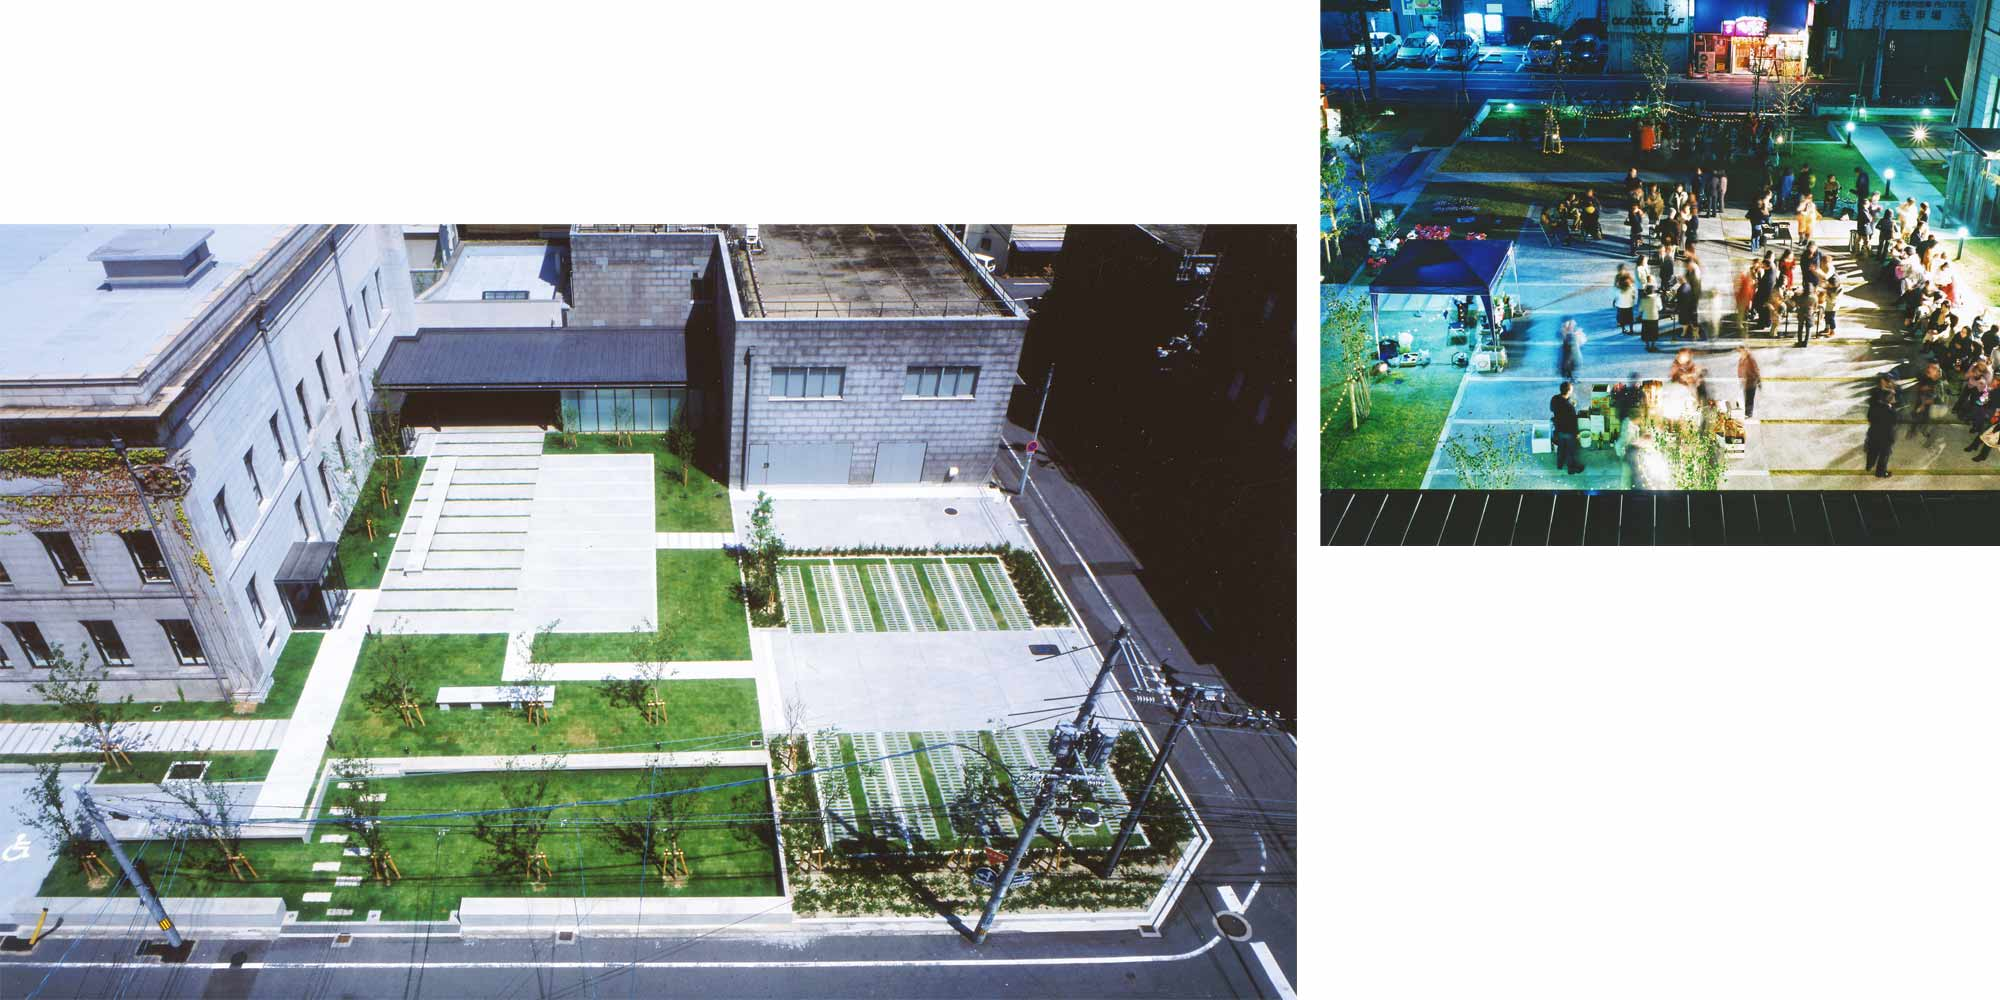 佐藤建築事務所「旧日銀岡山支店 ルネスホール」